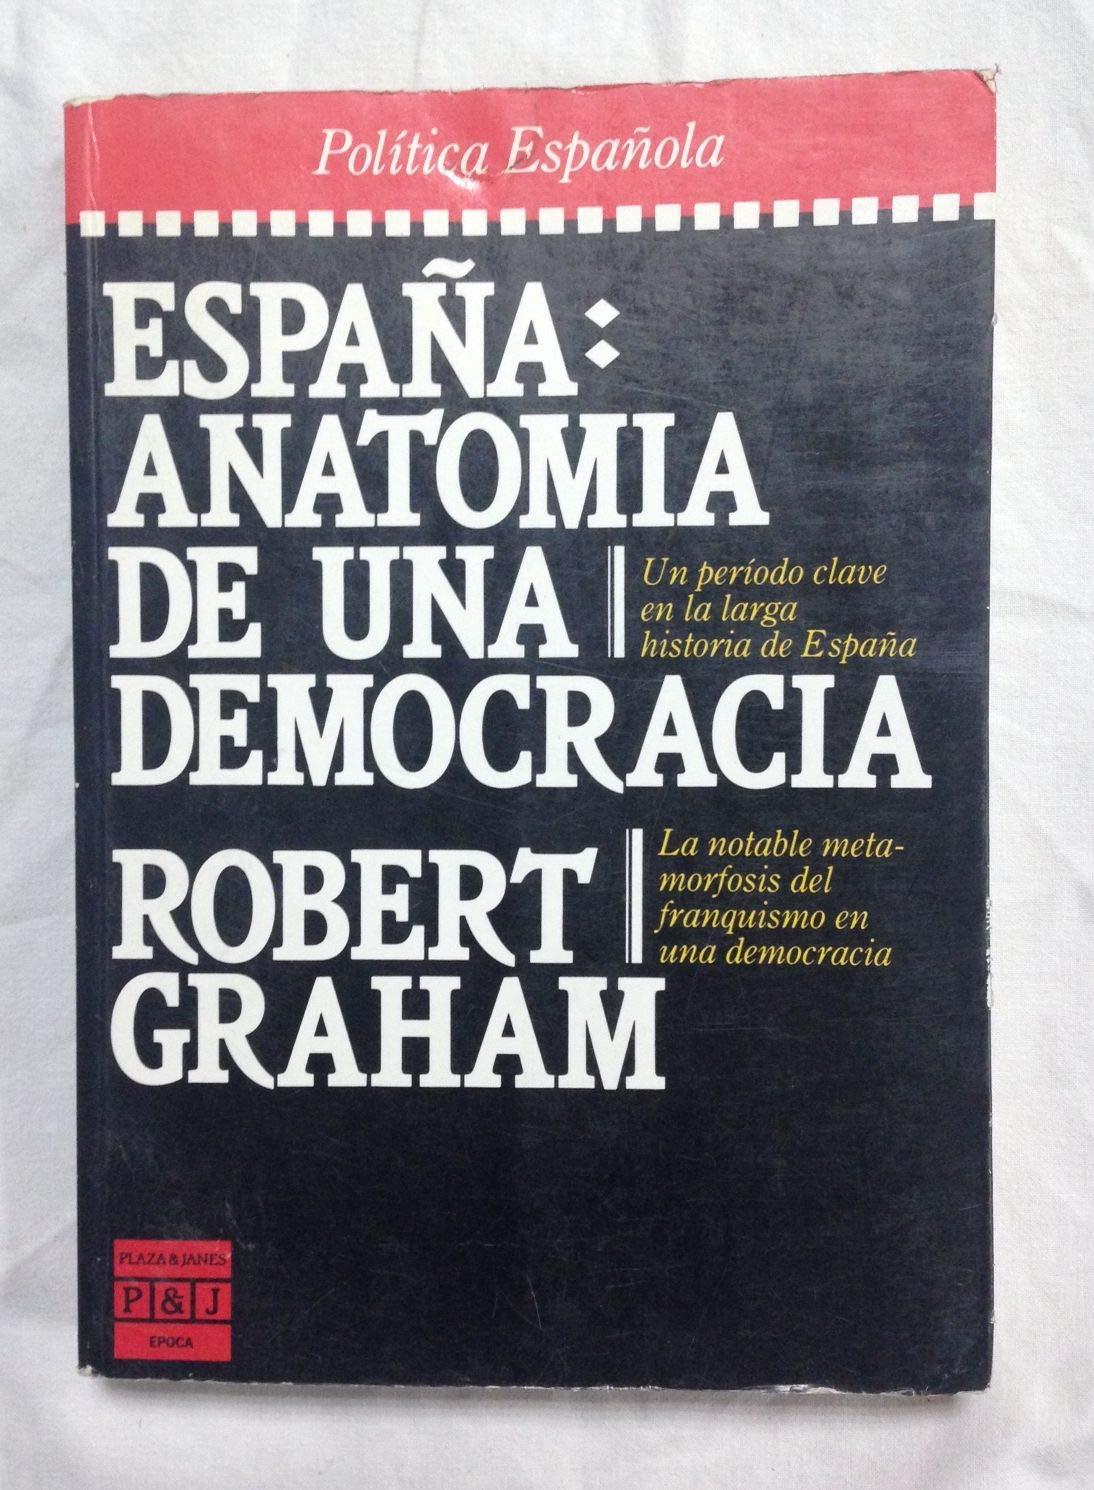 España: Anatomia de una democracia: Amazon.es: GRAHAM, Robert.-: Libros